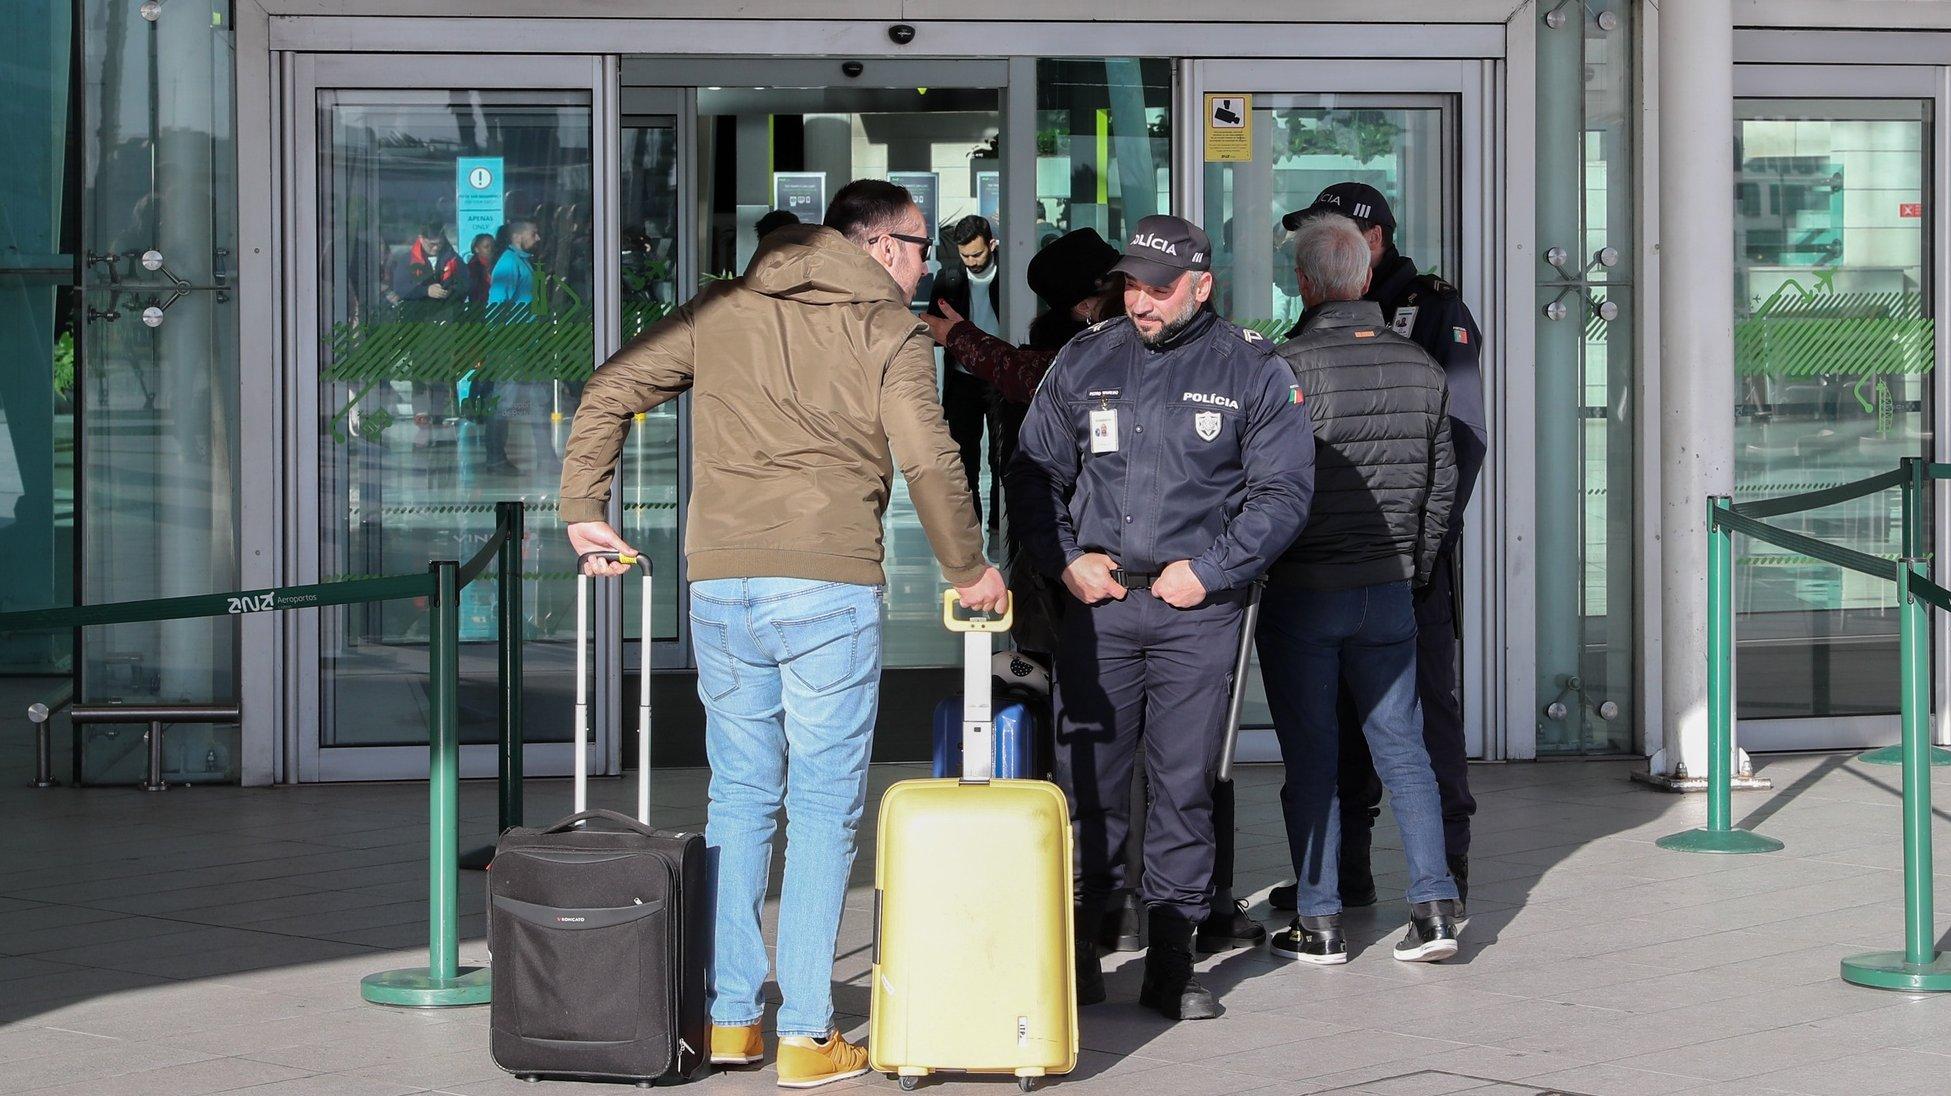 Polícias da PSP revistam passageiros à entrada do Aeroporto Humberto Delgado, Lisboa, 21 de janeiro de 2020. Elementos da PSP e da GNR realizam hoje protestos em simultâneo em Braga, Lisboa e Faro, numa ação convocada pelos sindicatos, enquanto o Movimento Zero (M0) inicia uma vigília nos aeroportos portugueses.  JOÃO RELVAS/LUSA